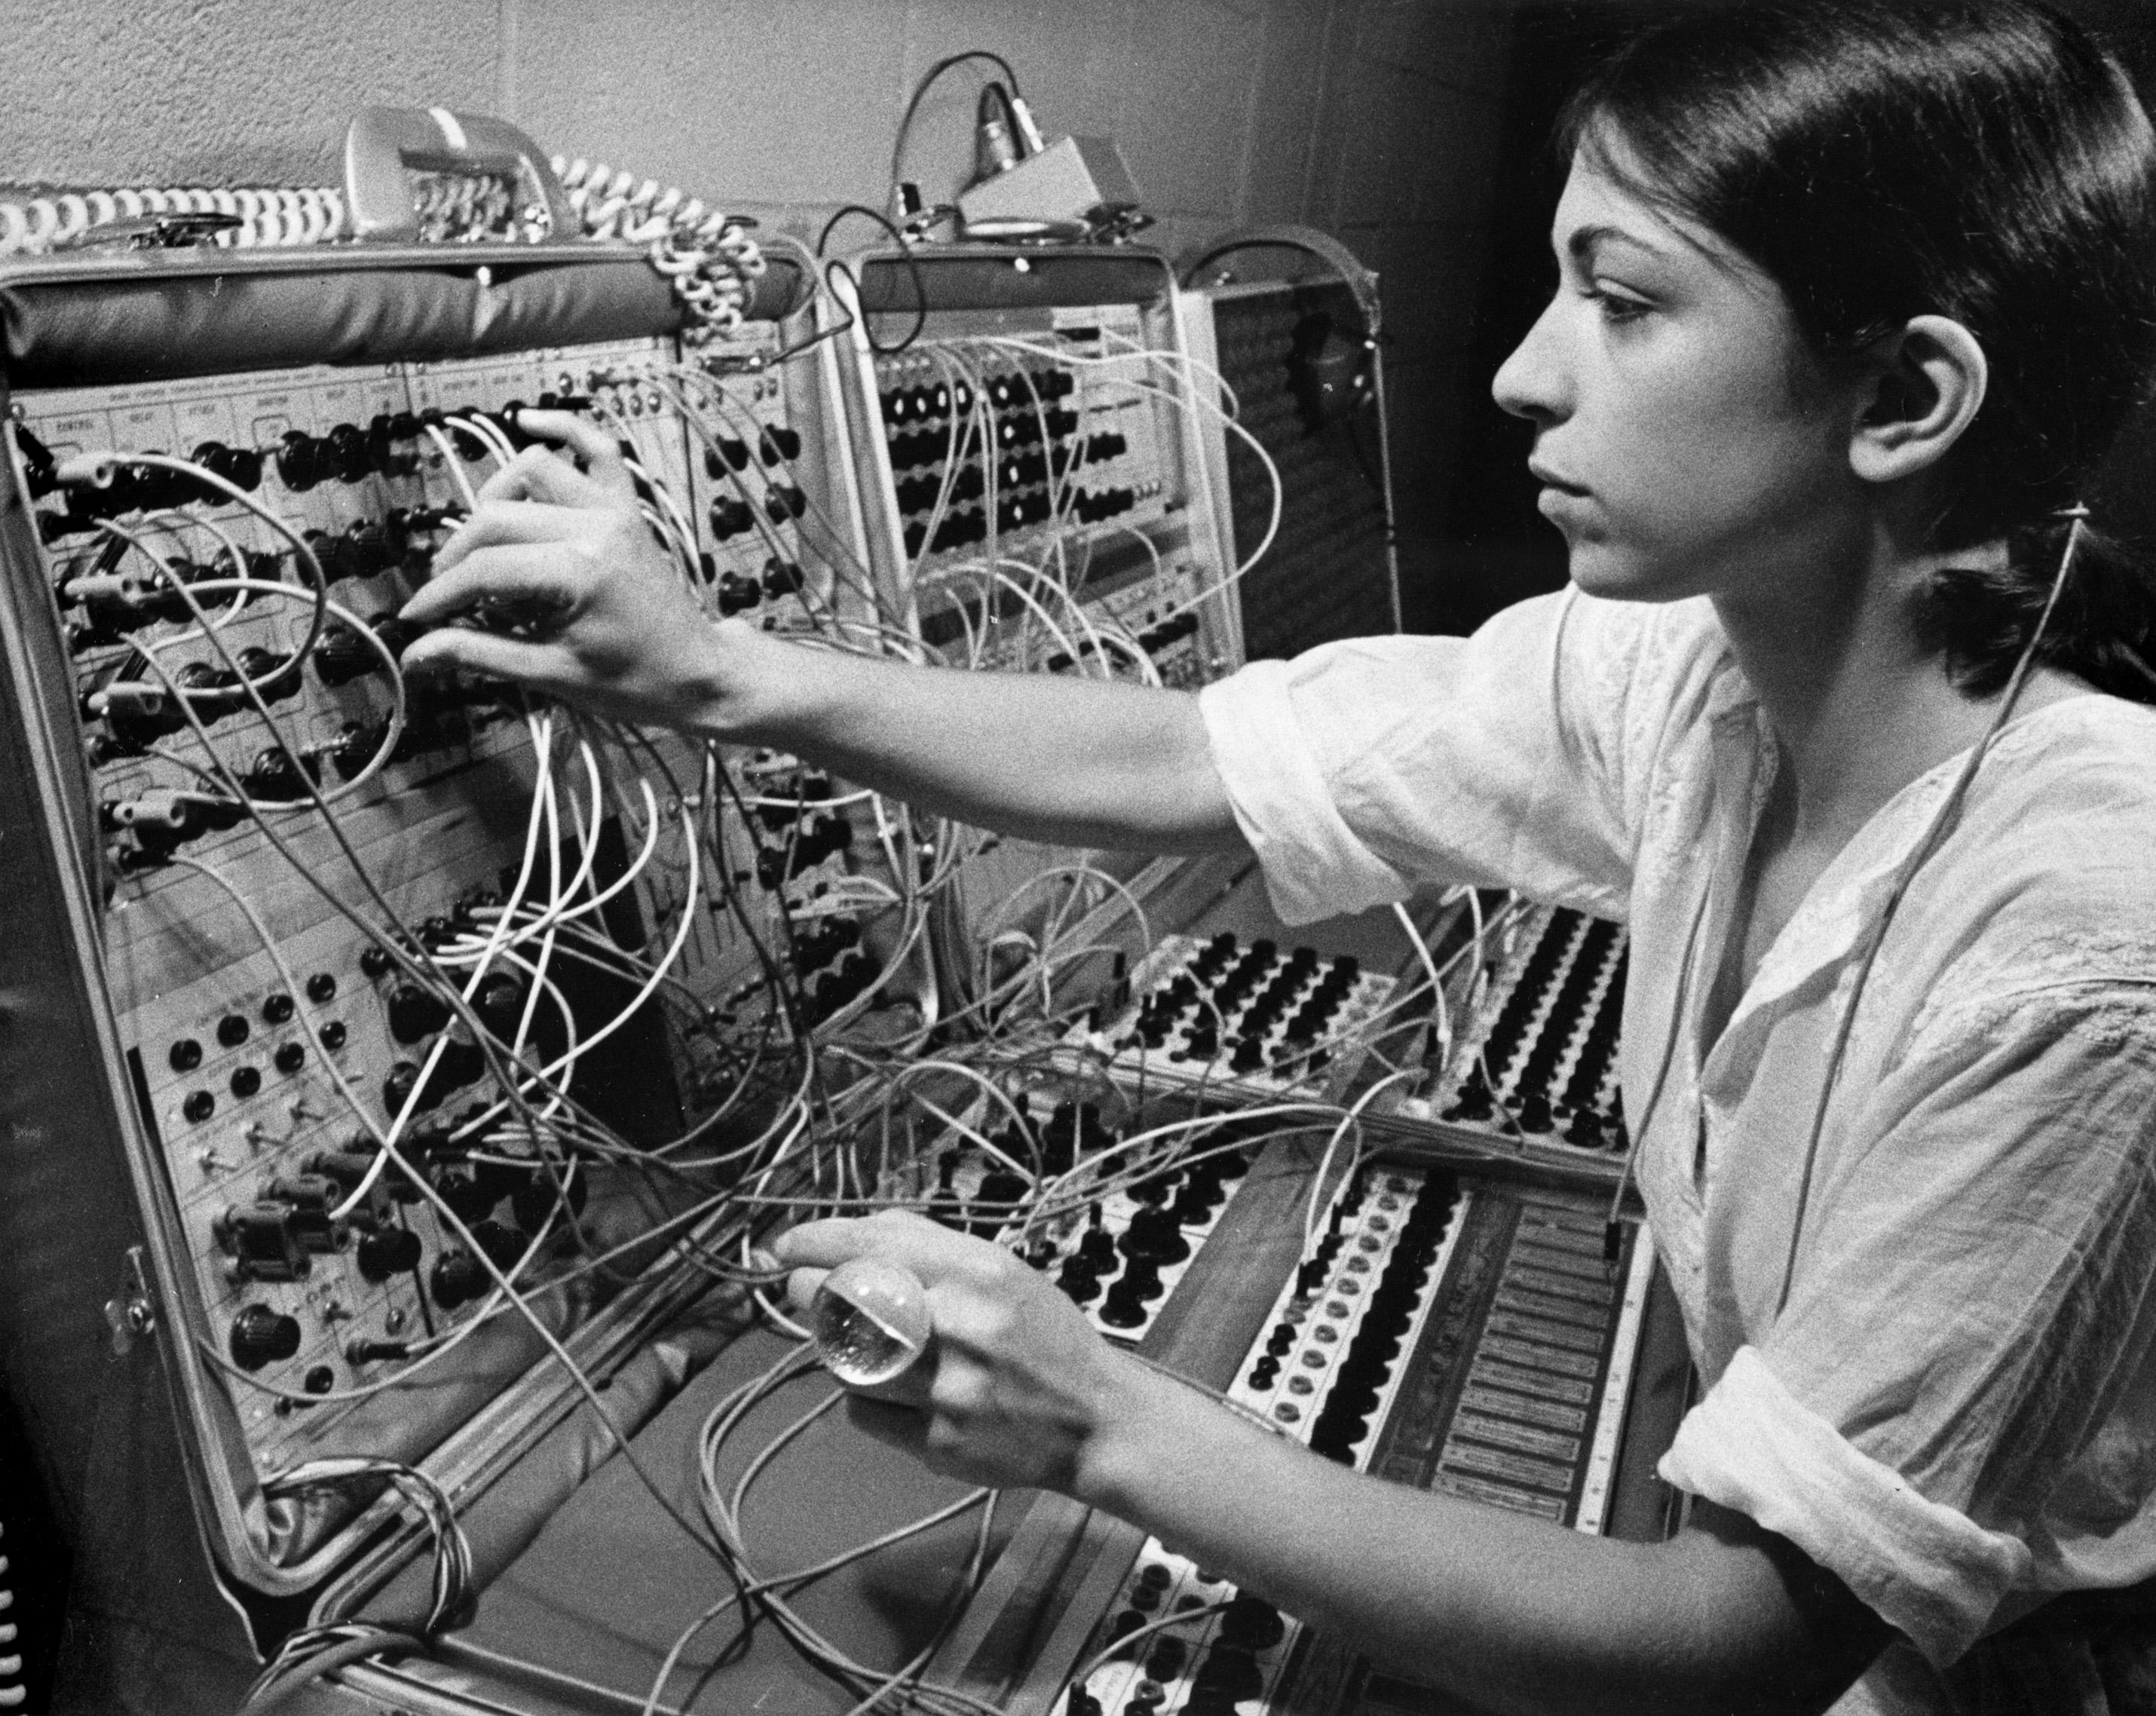 К показу готовится документальный фильм о пионере электронной музыки Сьюзан Чани «A Life in Waves»